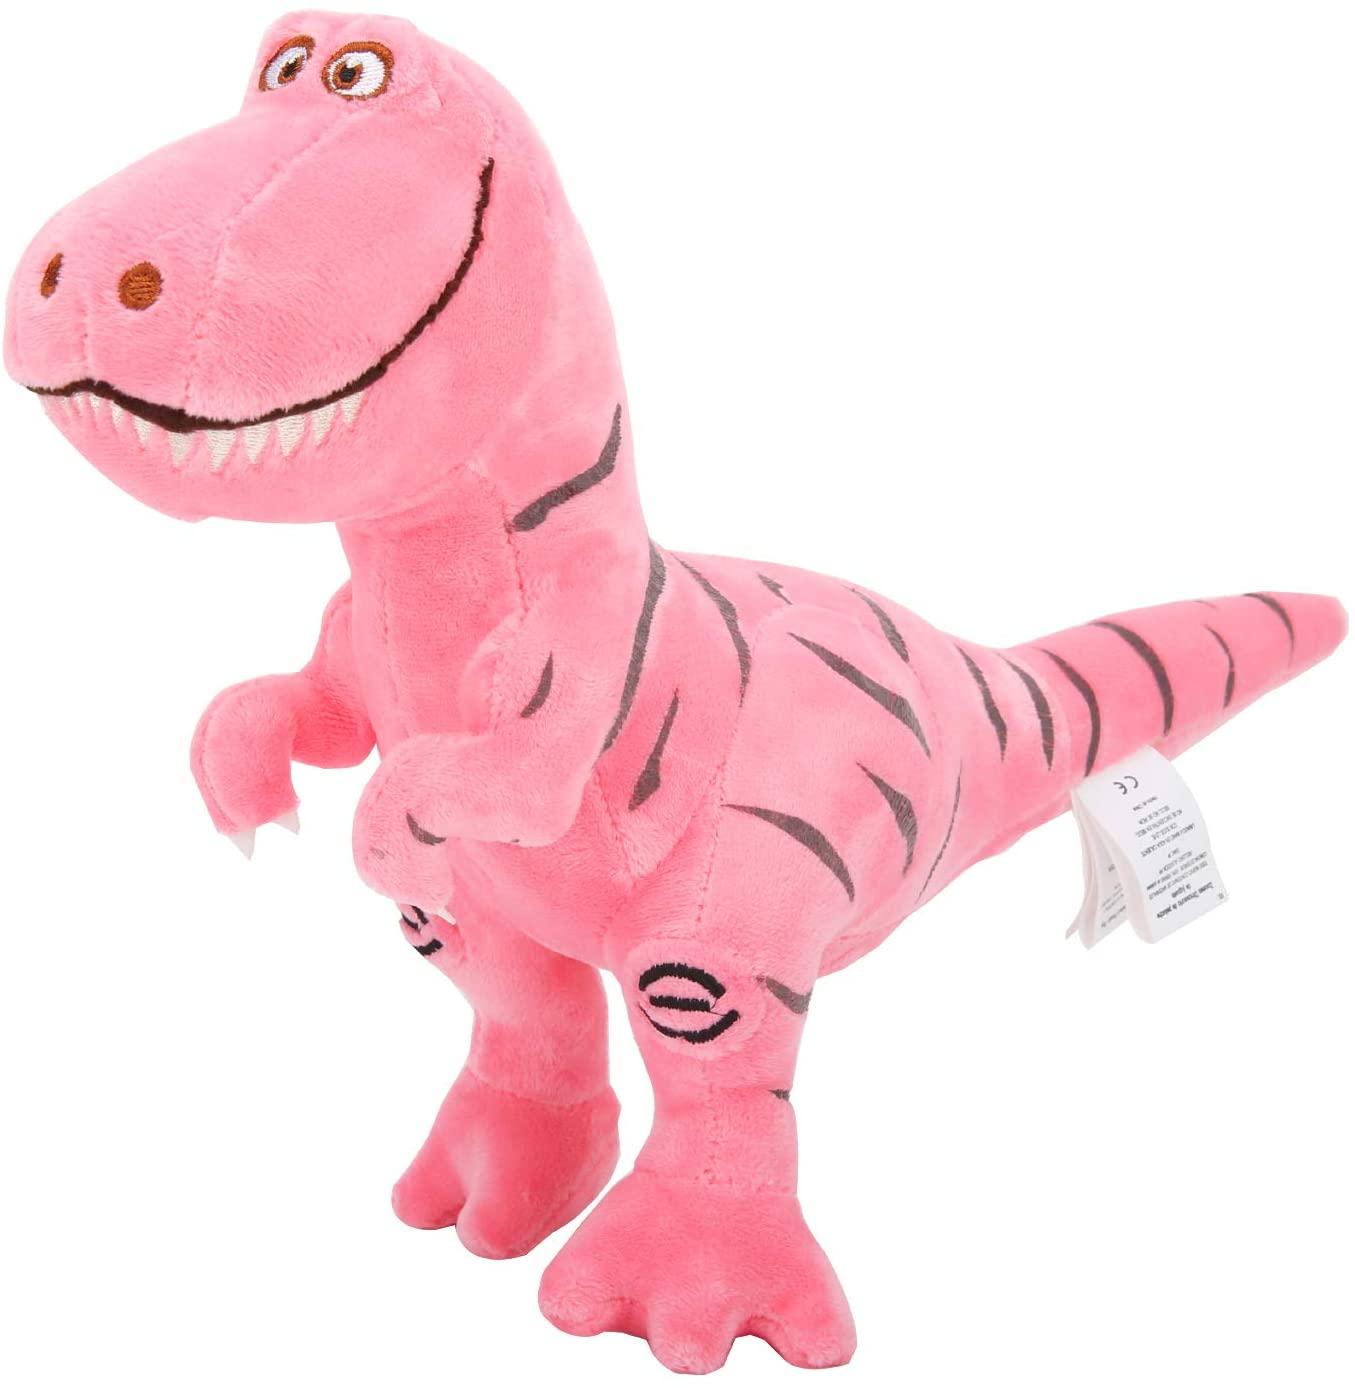 Zooawa Bed Time Stuffed Animal Toys, Cute Soft Plush T-Rex Tyrannosaurus Dinosaur Figure - Pink